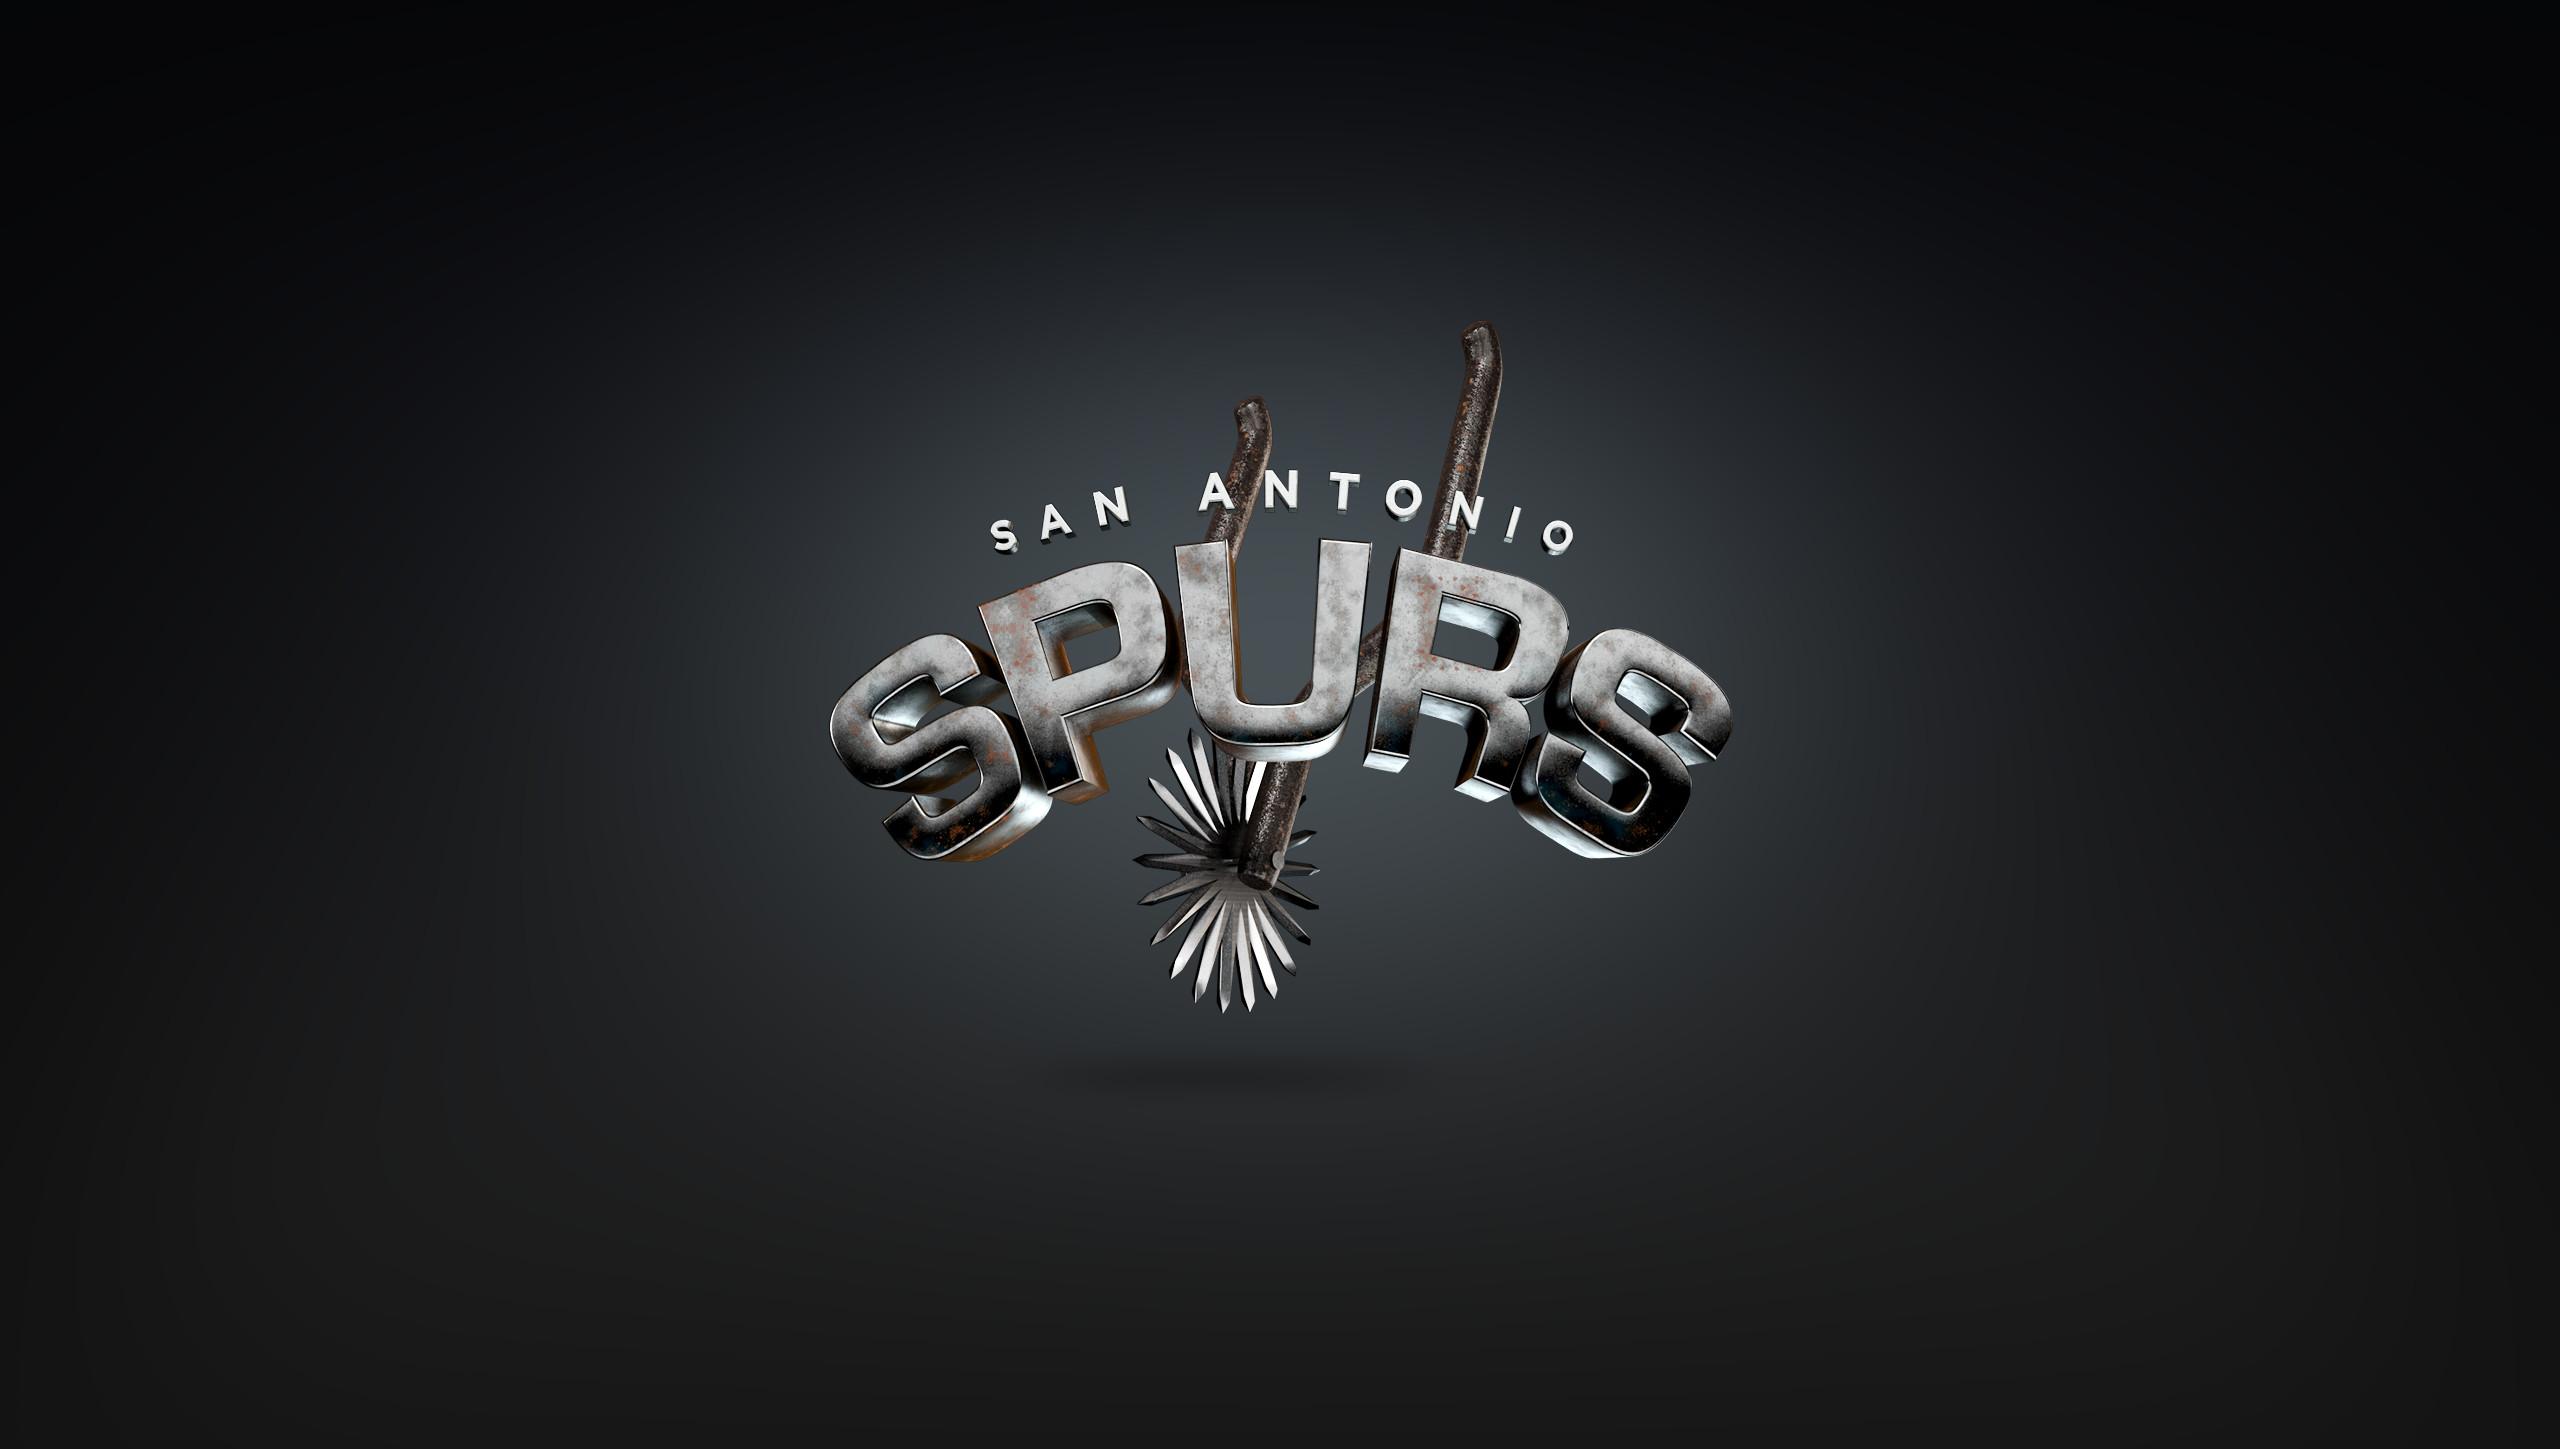 San Antonio Spurs Wallpaper